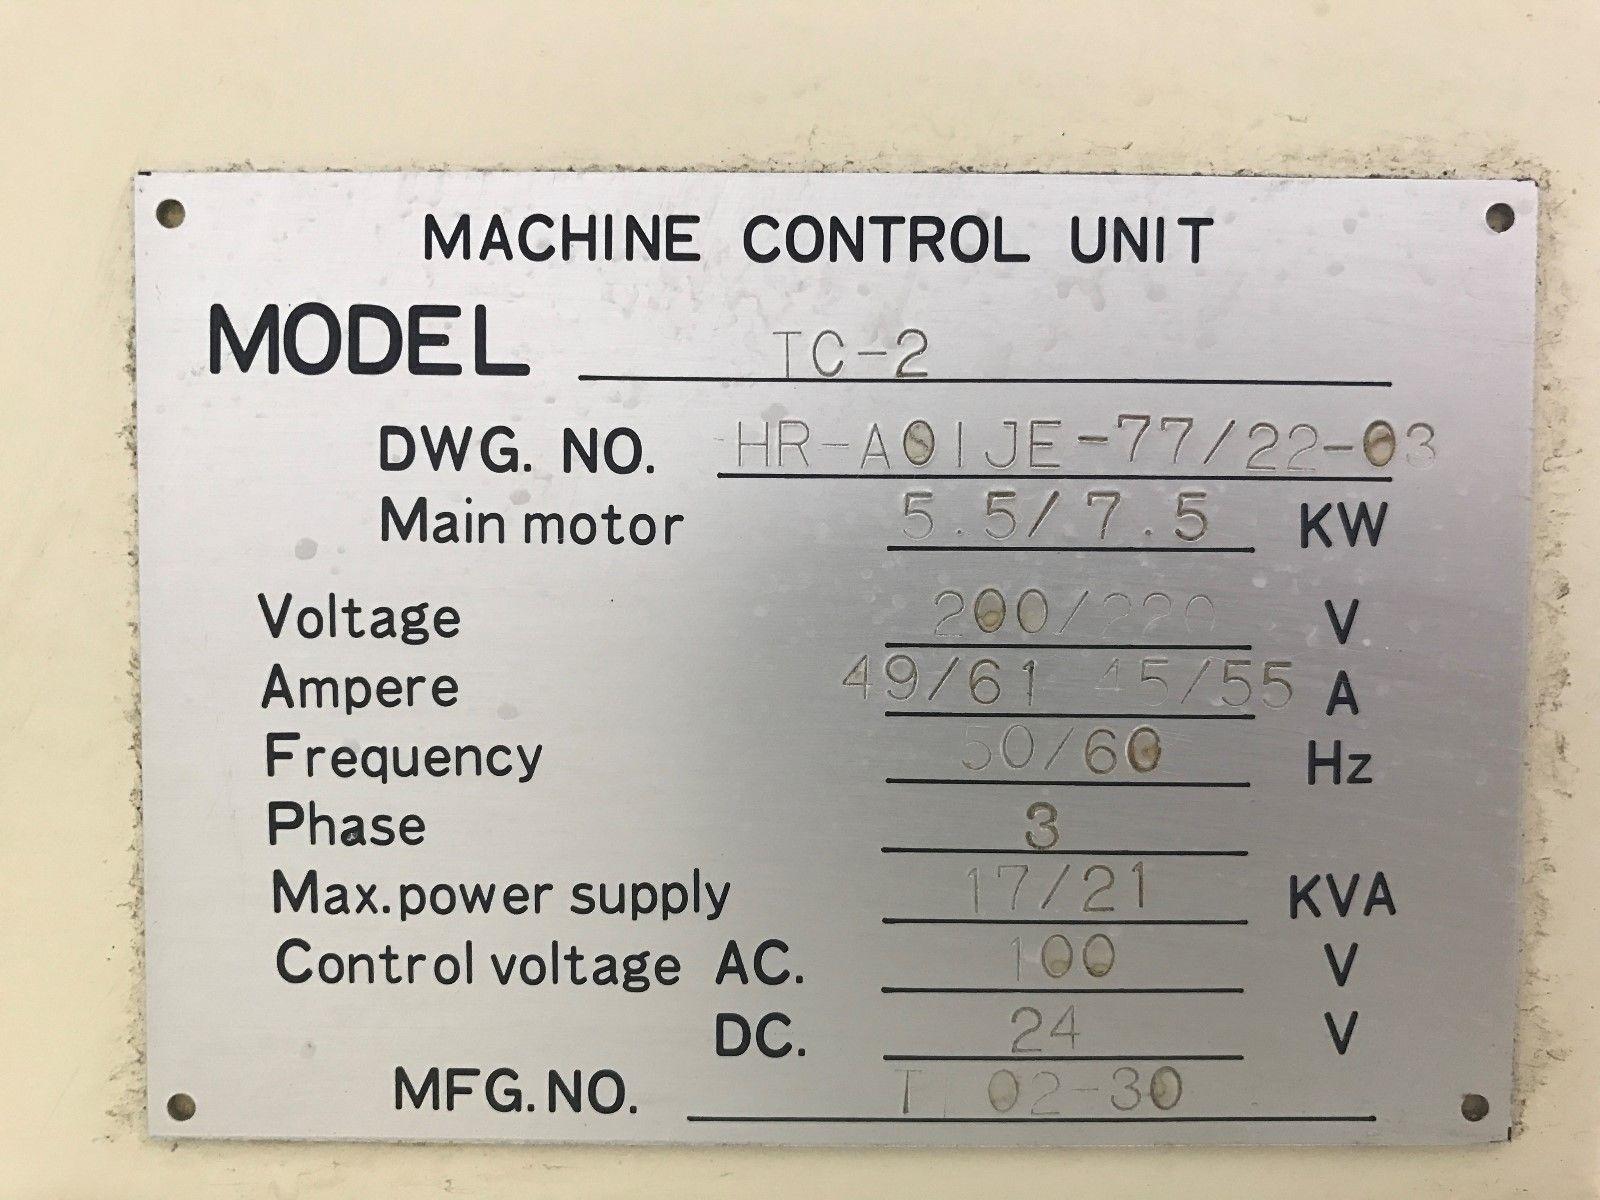 ... used-cnc-turning-center